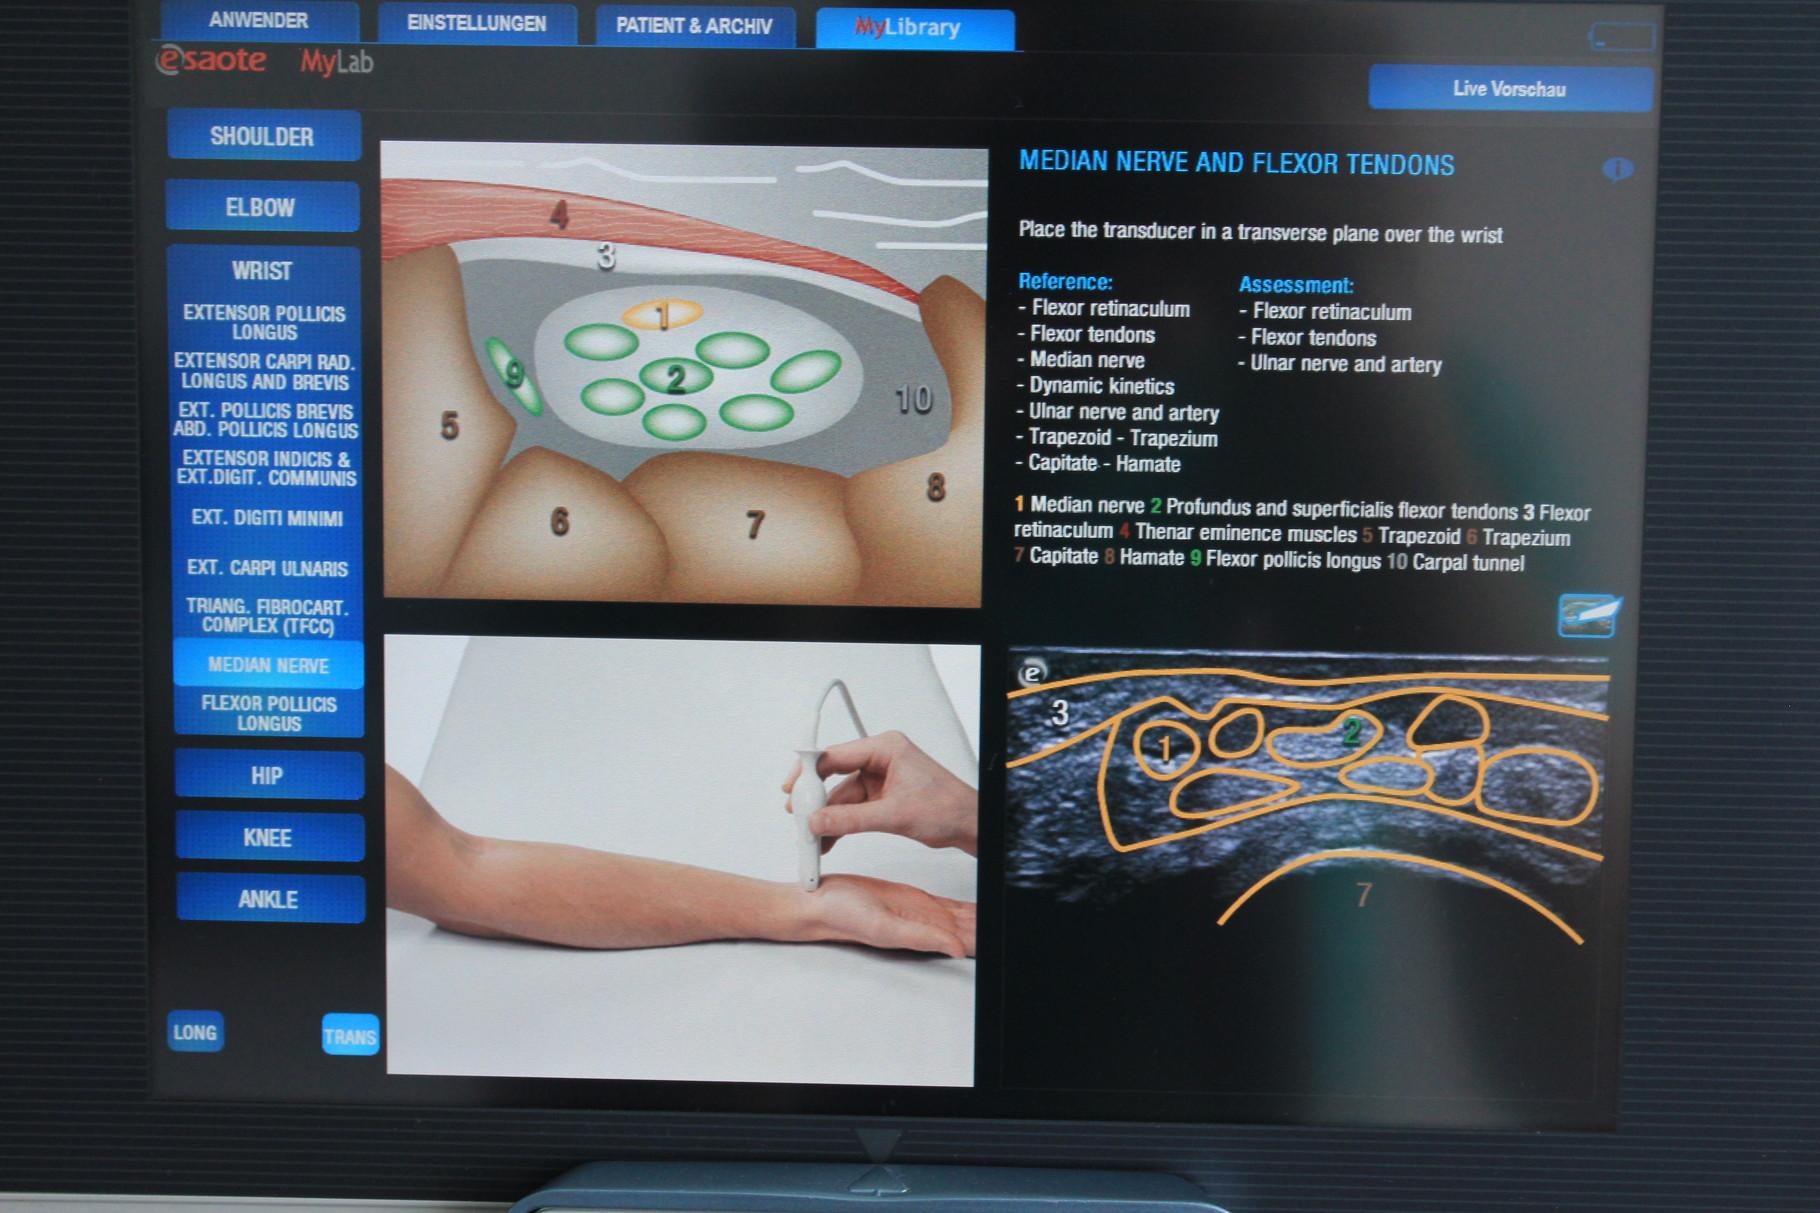 Beispielbild MSU (Muskeloskelettaler Ultraschall) Karpaltunnel/Nervus medianus